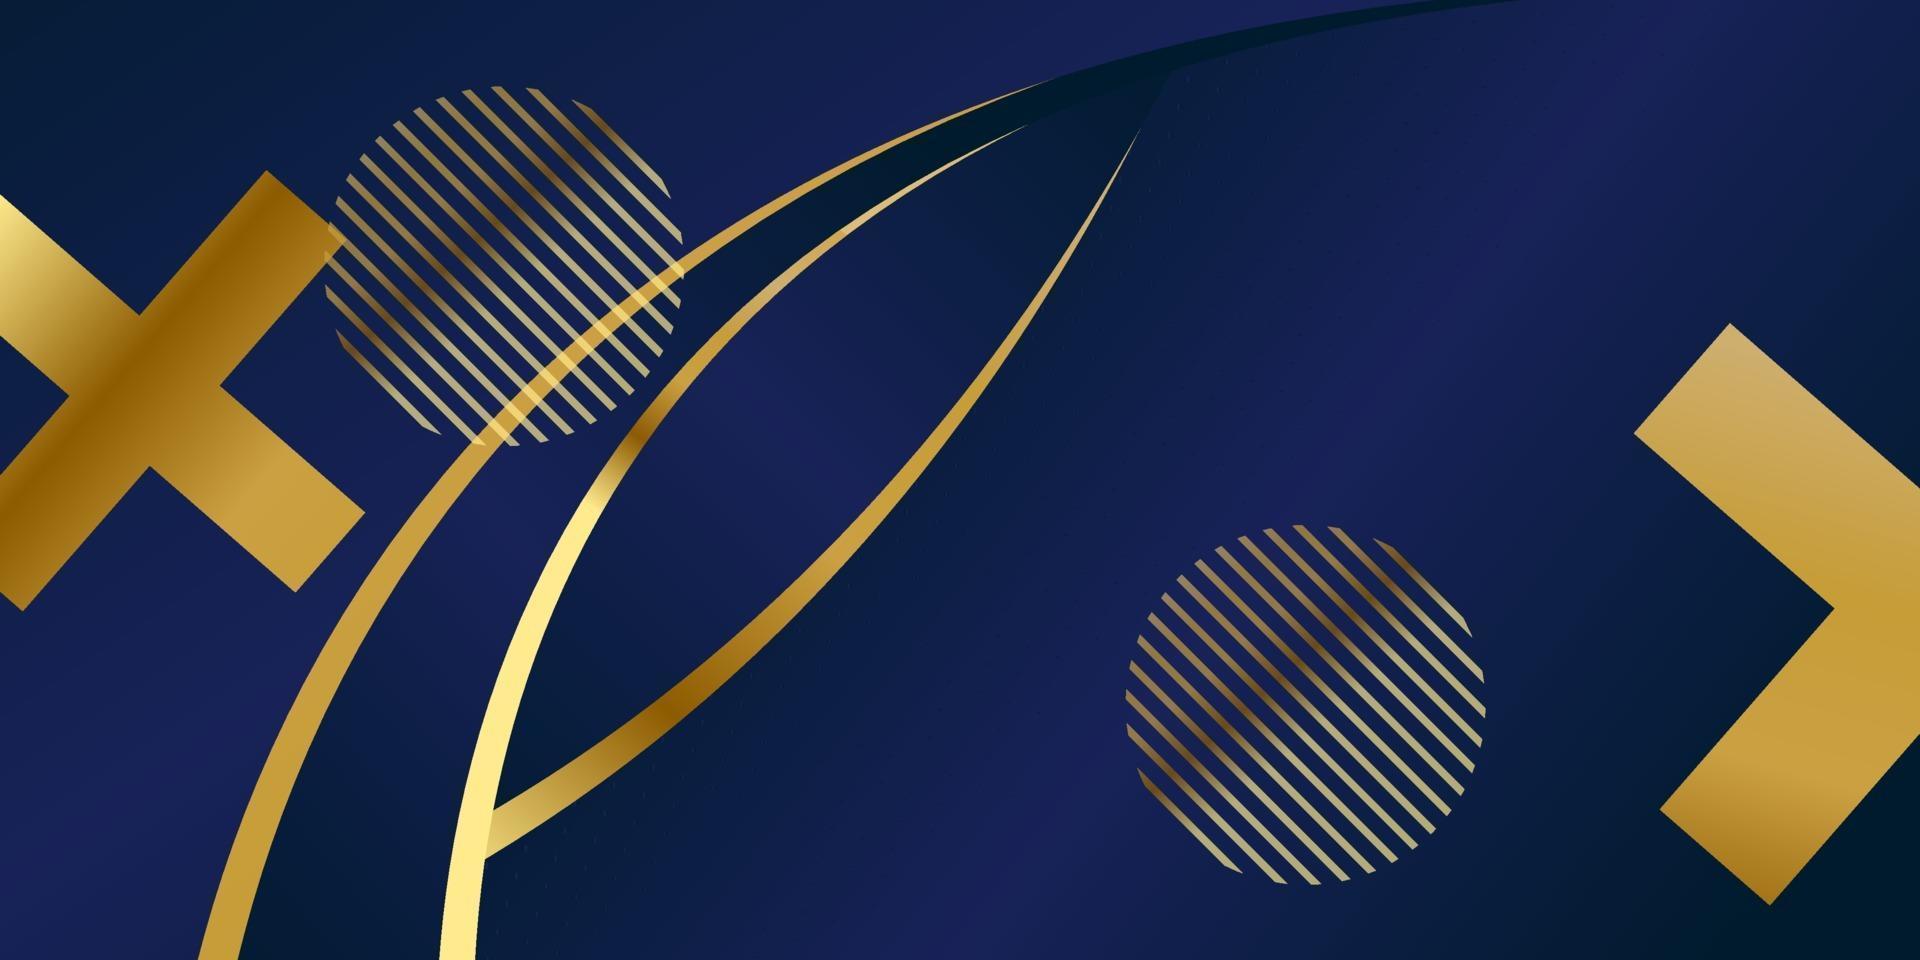 padrão poligonal abstrato luxo azul escuro com ouro vetor